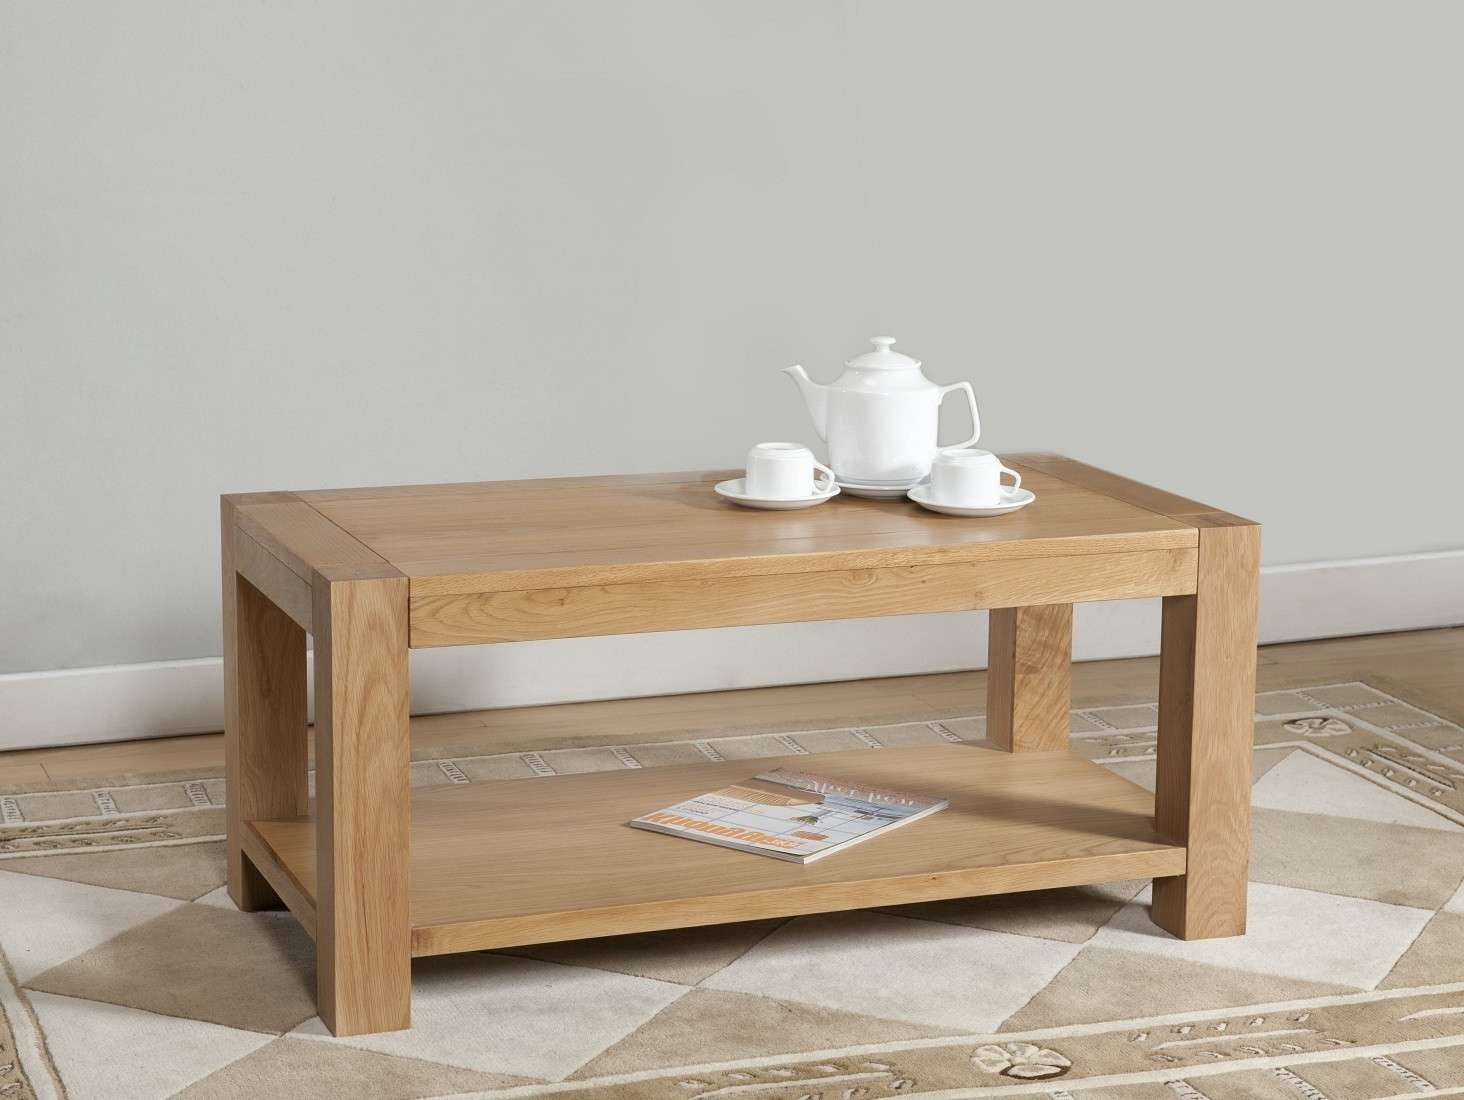 Oak Furniture Uk In Favorite Light Oak Coffee Tables (View 12 of 20)